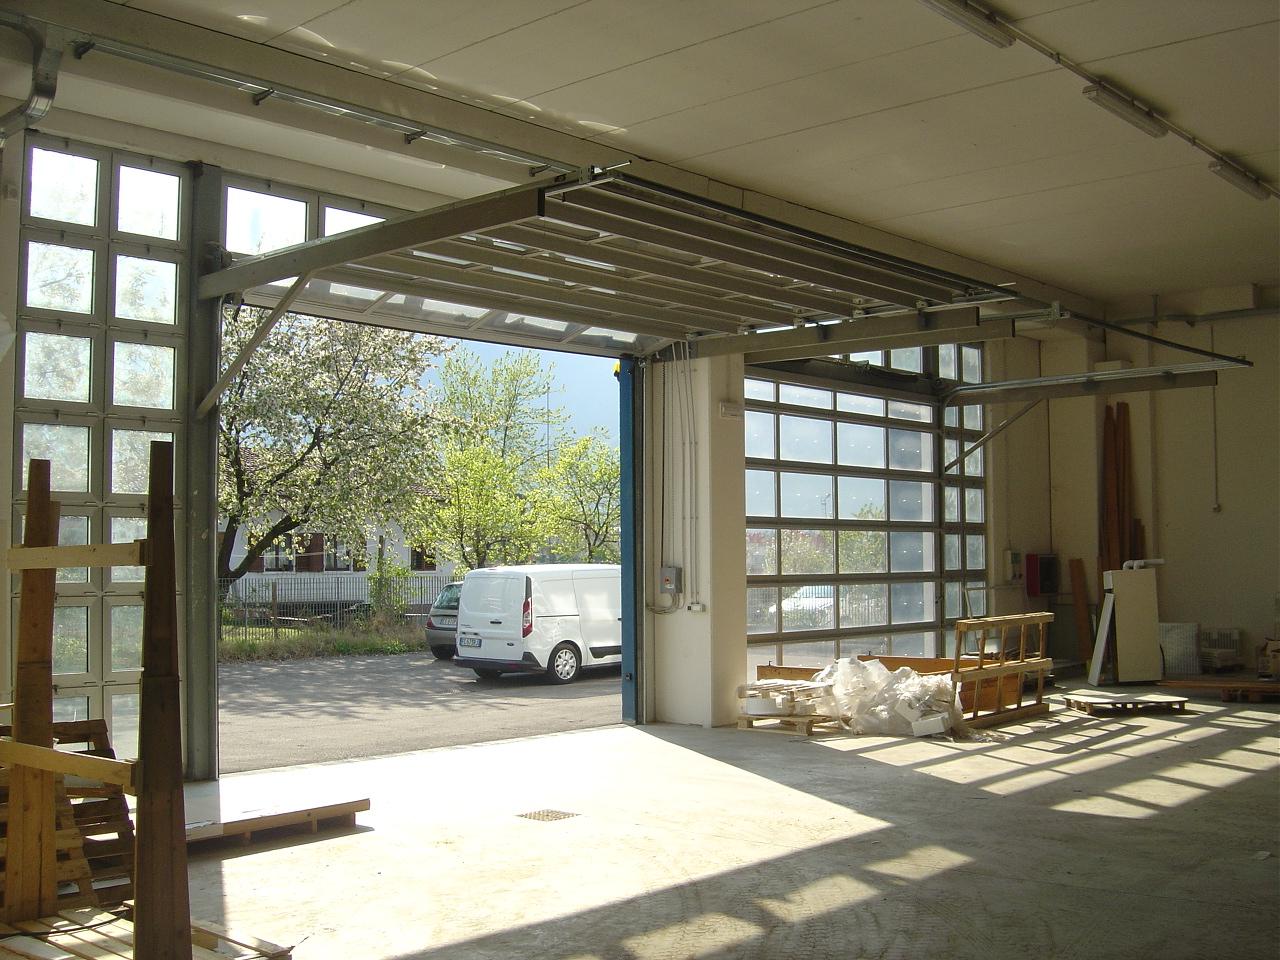 Laboratorio in vendita a Arco, 9999 locali, Trattative riservate | Cambio Casa.it